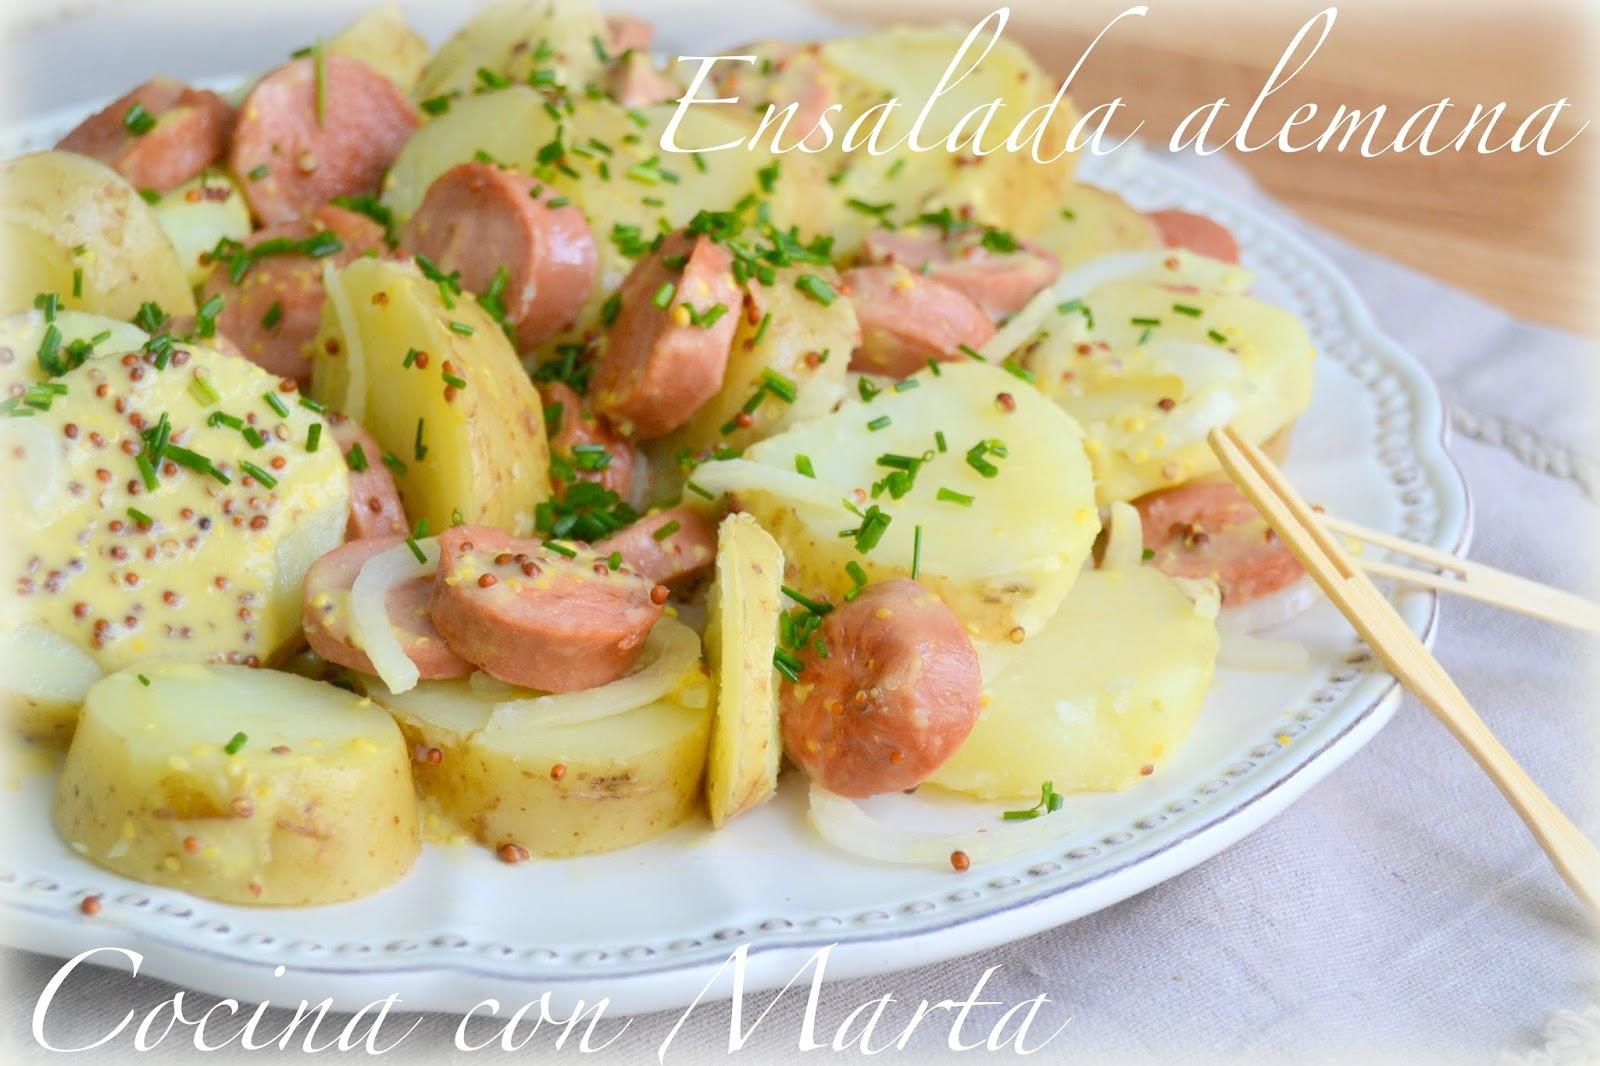 Ensalada alemana 2 hogar cocina facil for Comidas caseras faciles